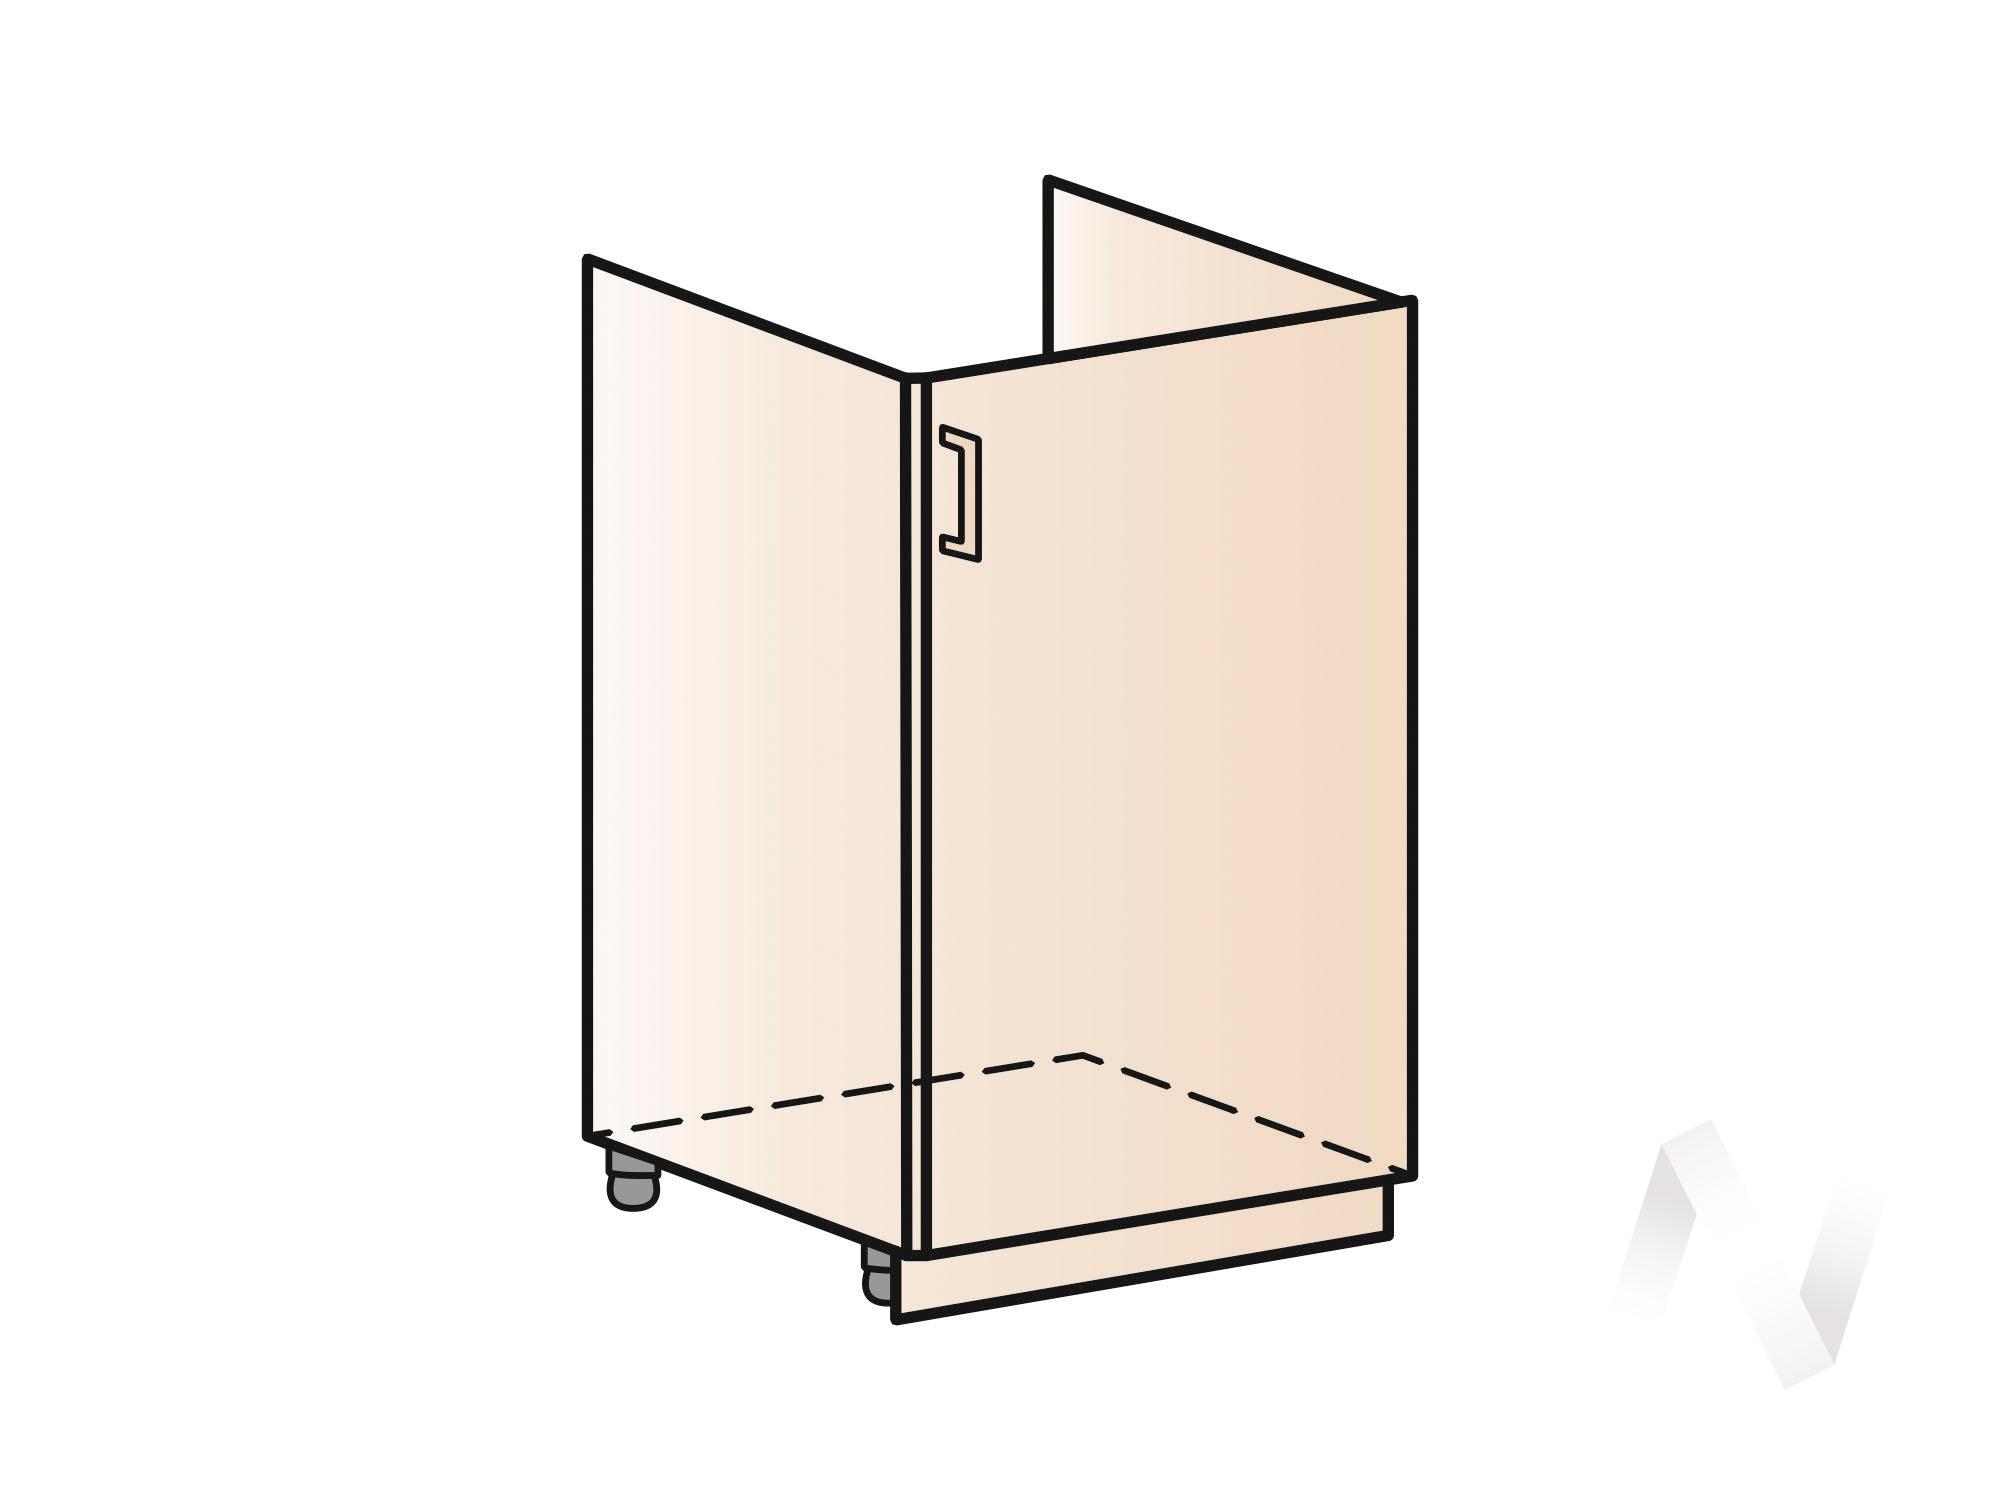 """Кухня """"Люкс"""": Шкаф нижний под мойку 500, ШНМ 500 (Шелк жемчуг/корпус белый) в Новосибирске в интернет-магазине мебели kuhnya54.ru"""